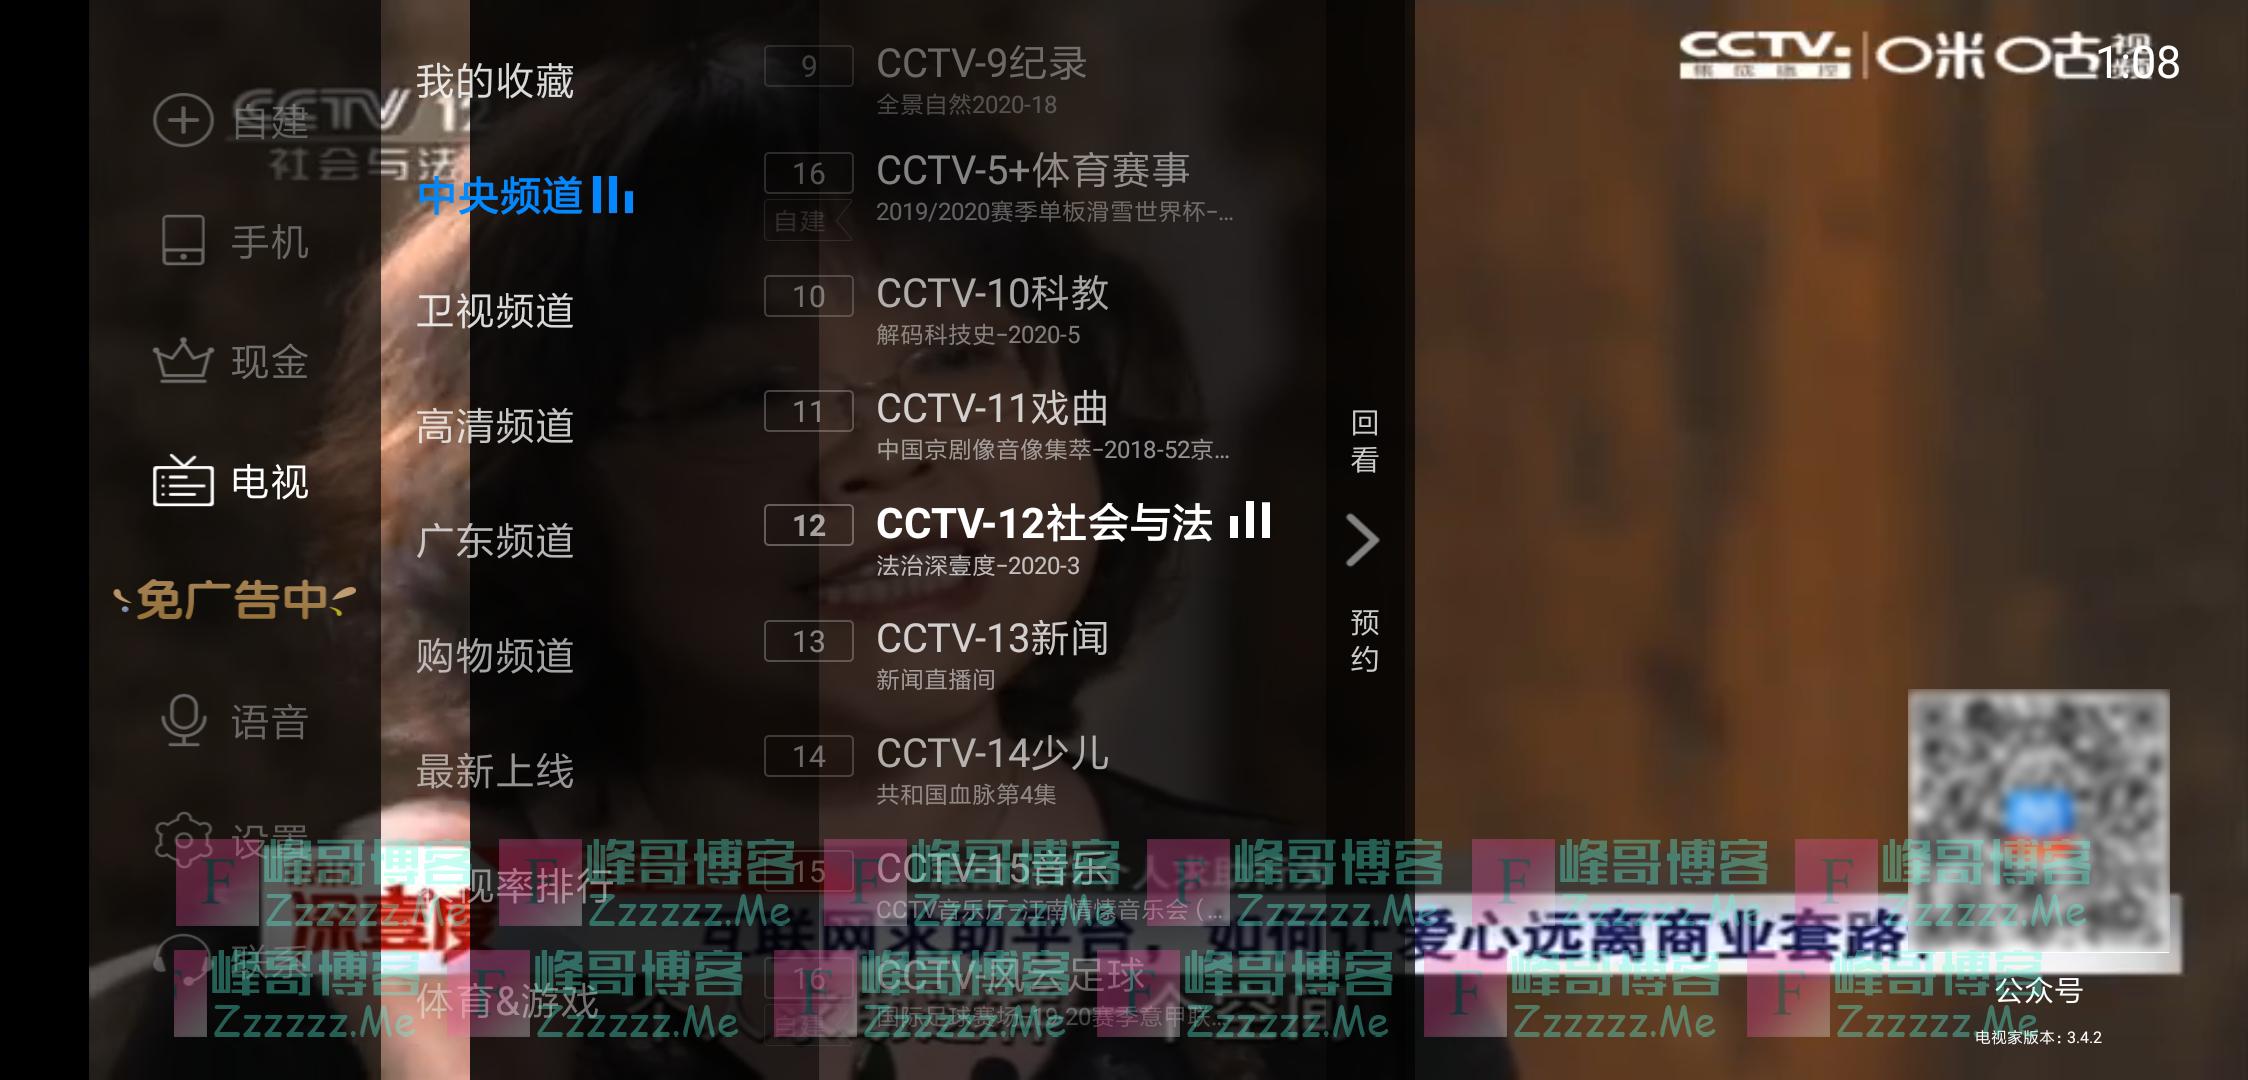 电视家V3.4.4 电视TV版最新去广告,去购物台,解锁高清卫视破解版下载